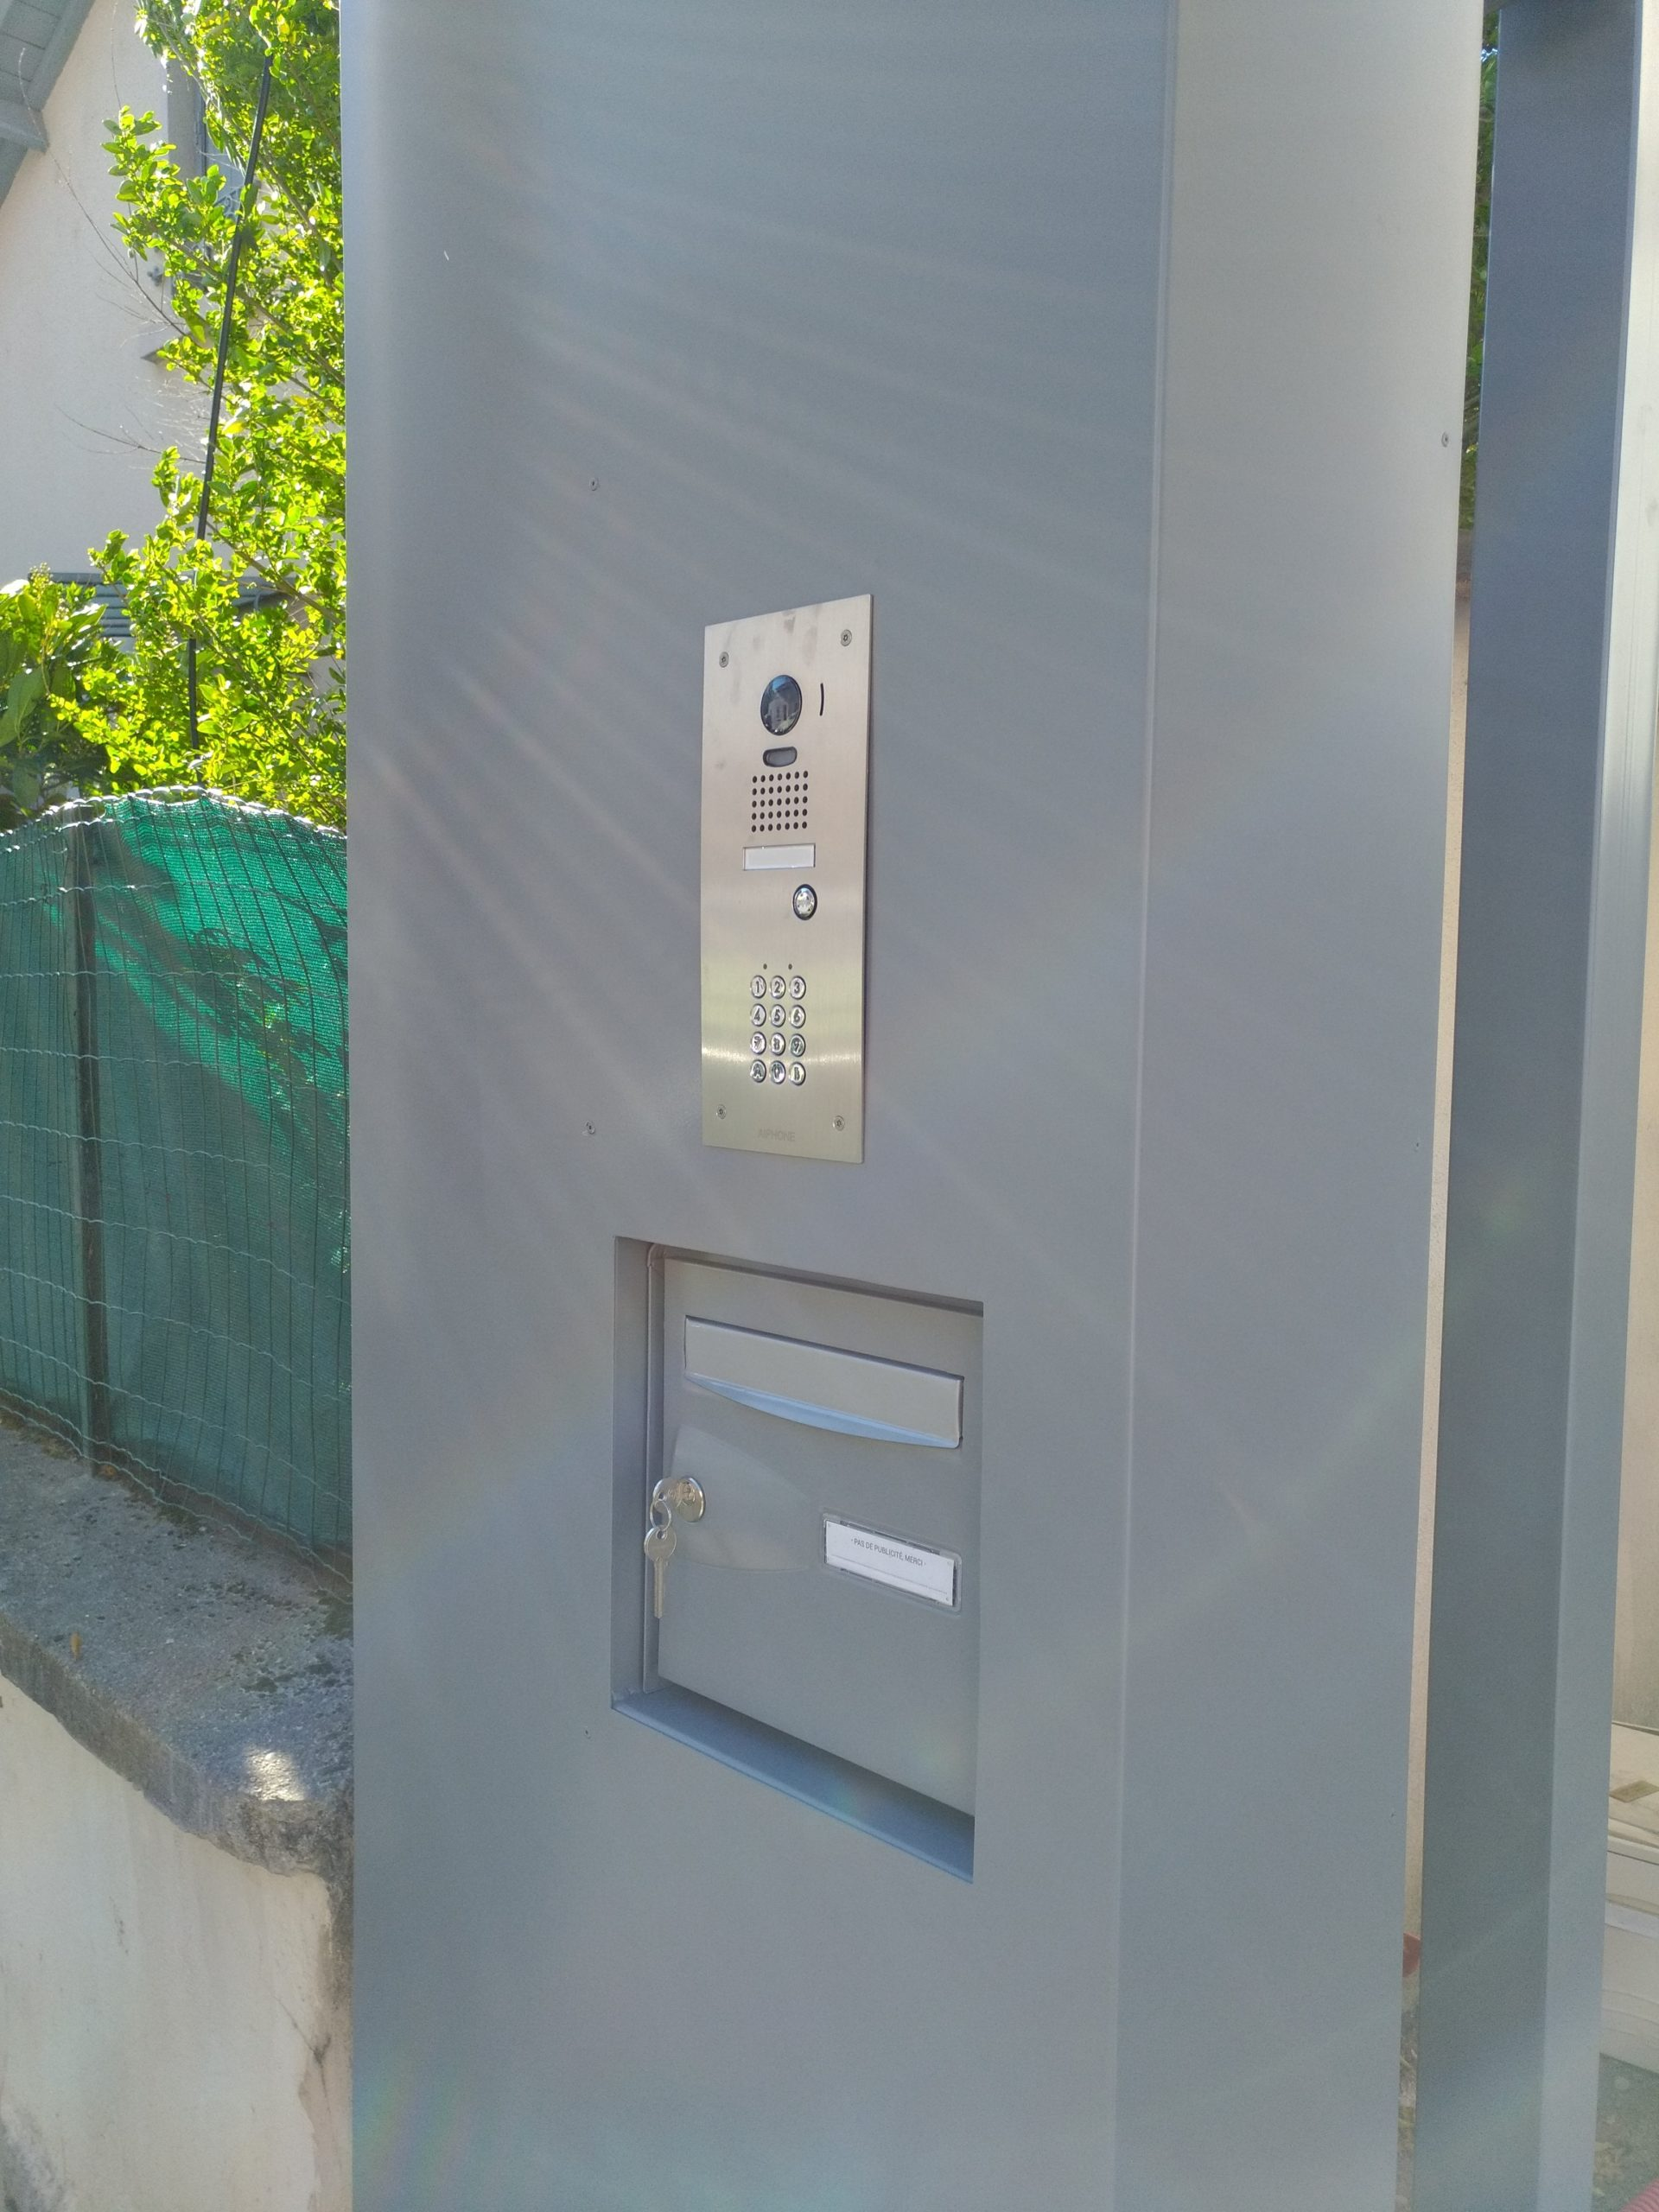 électricien Lyon installation dépannage électricité rénovation motorisation de portail vidéophone platine de rue